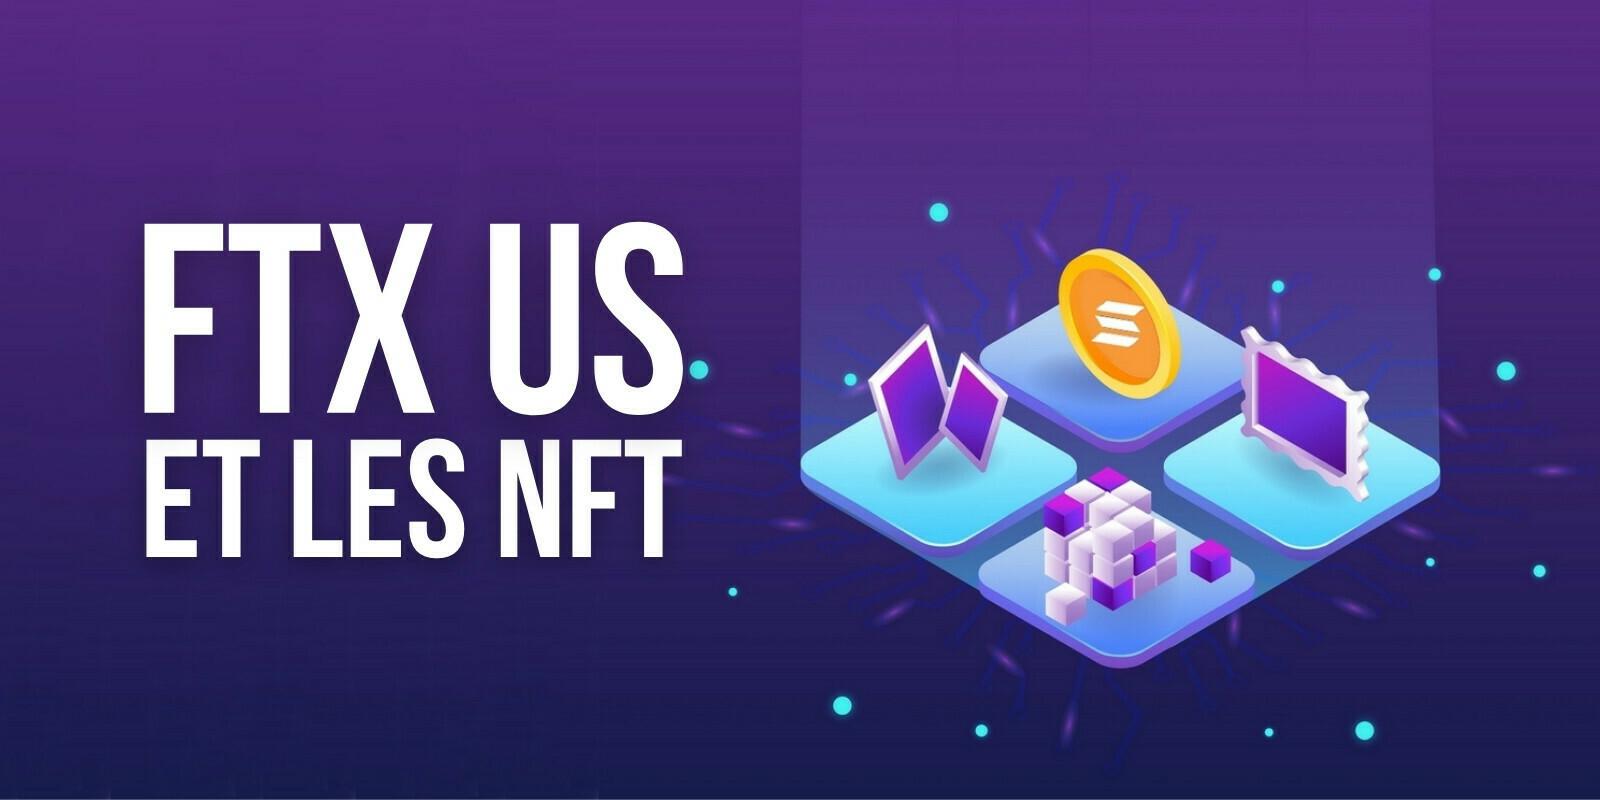 FTX US lance une place de marché pour les NFT de Solana (SOL) et prochainement Ethereum (ETH)